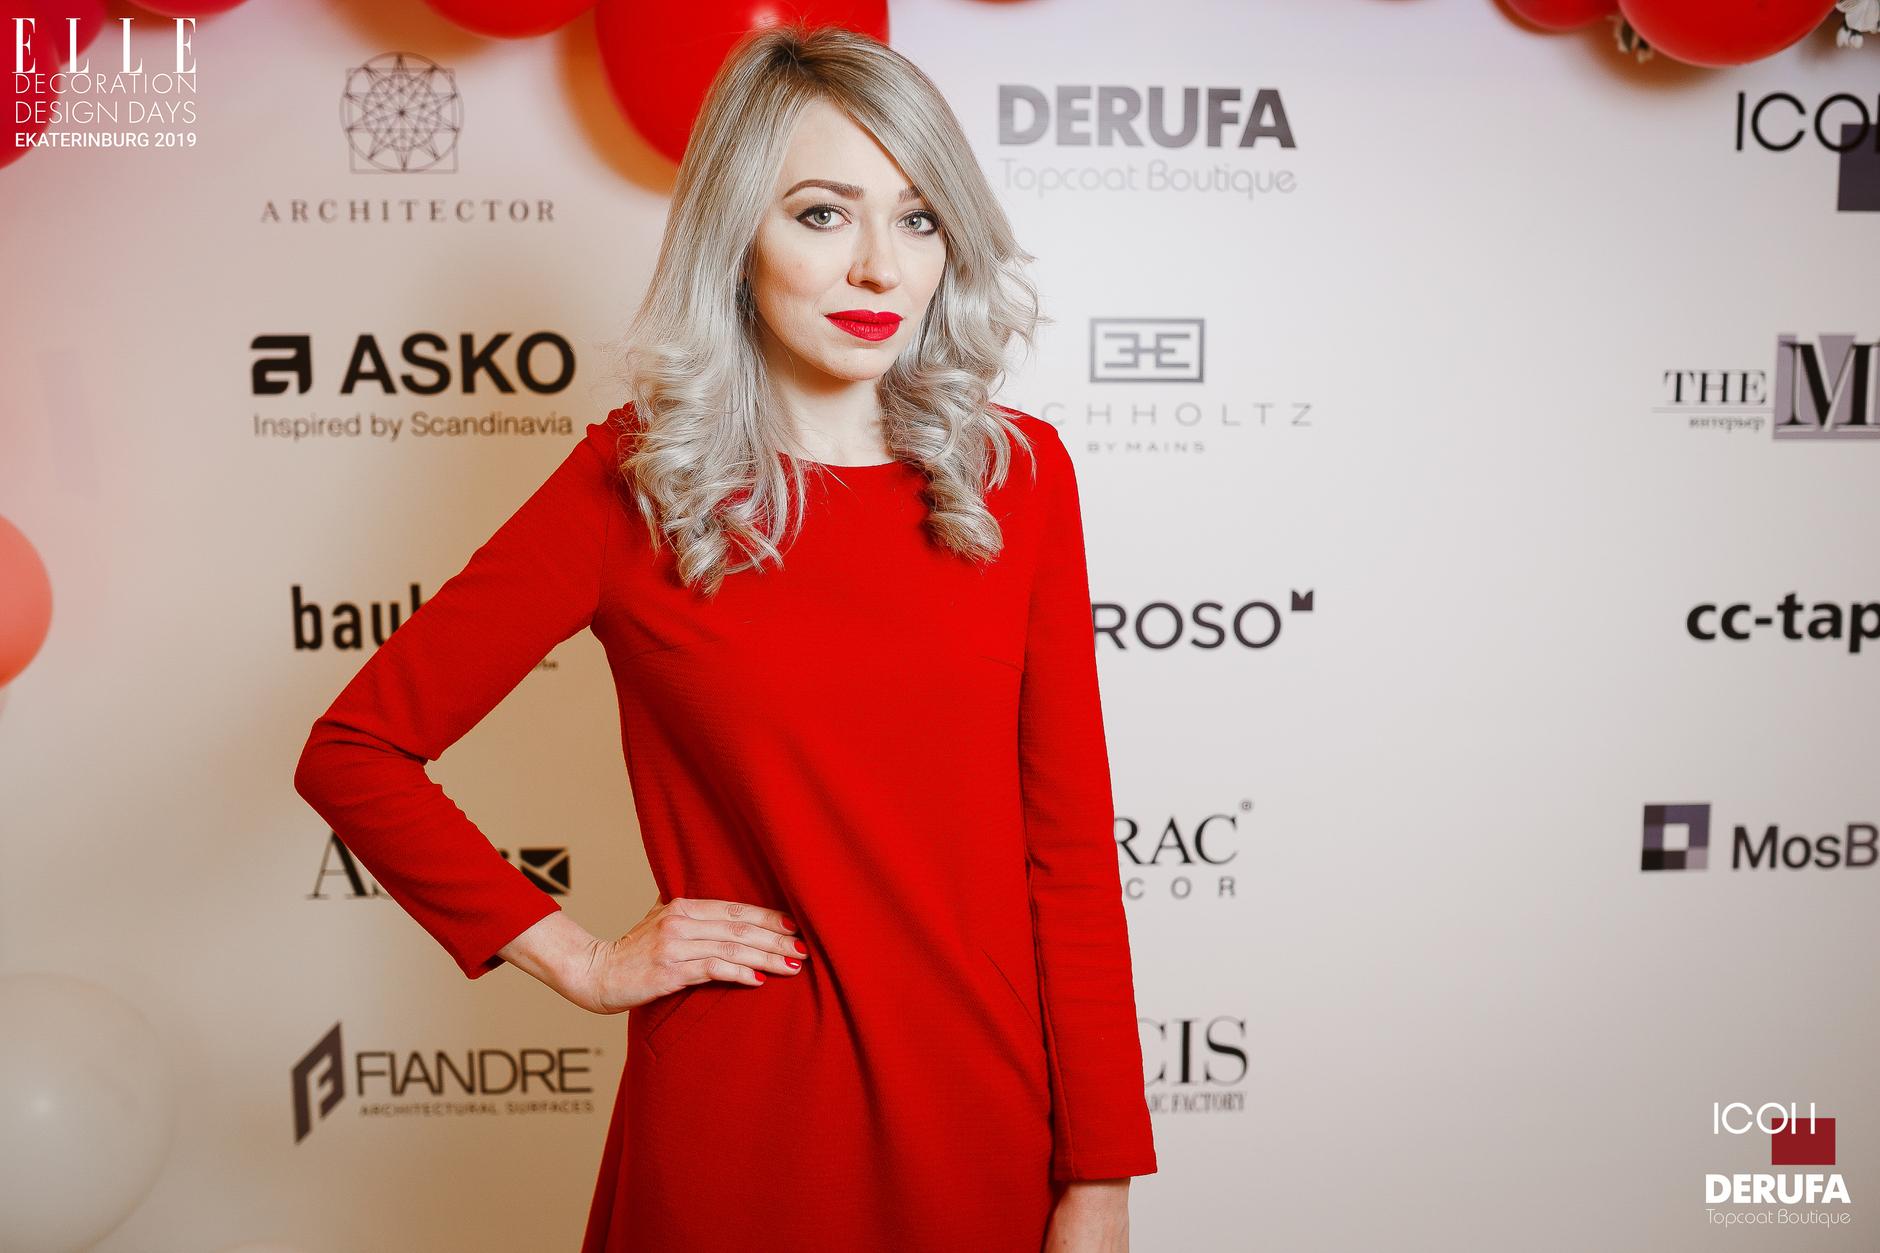 ELLE Decoration Design Days в Екатеринбурге 2019 (галерея 2, фото 10)